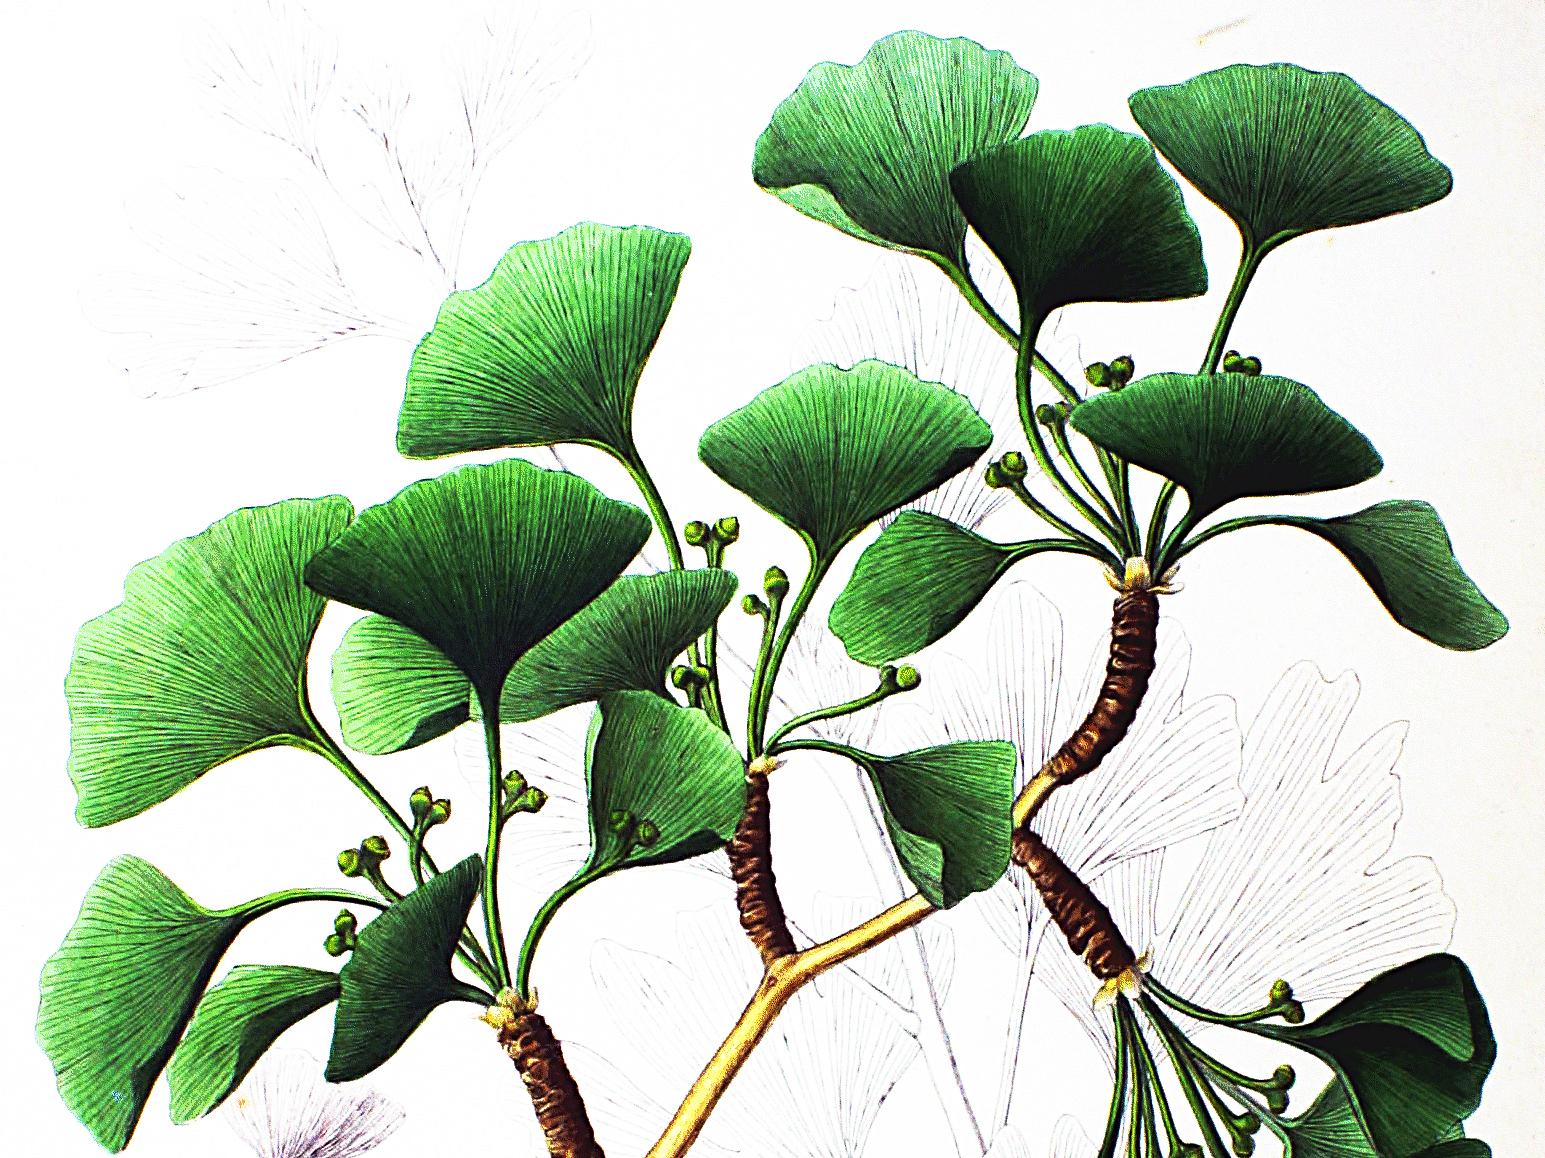 Ginkgo-Wurzelextrakt: Pflanzlicher Stimmungsaufheller